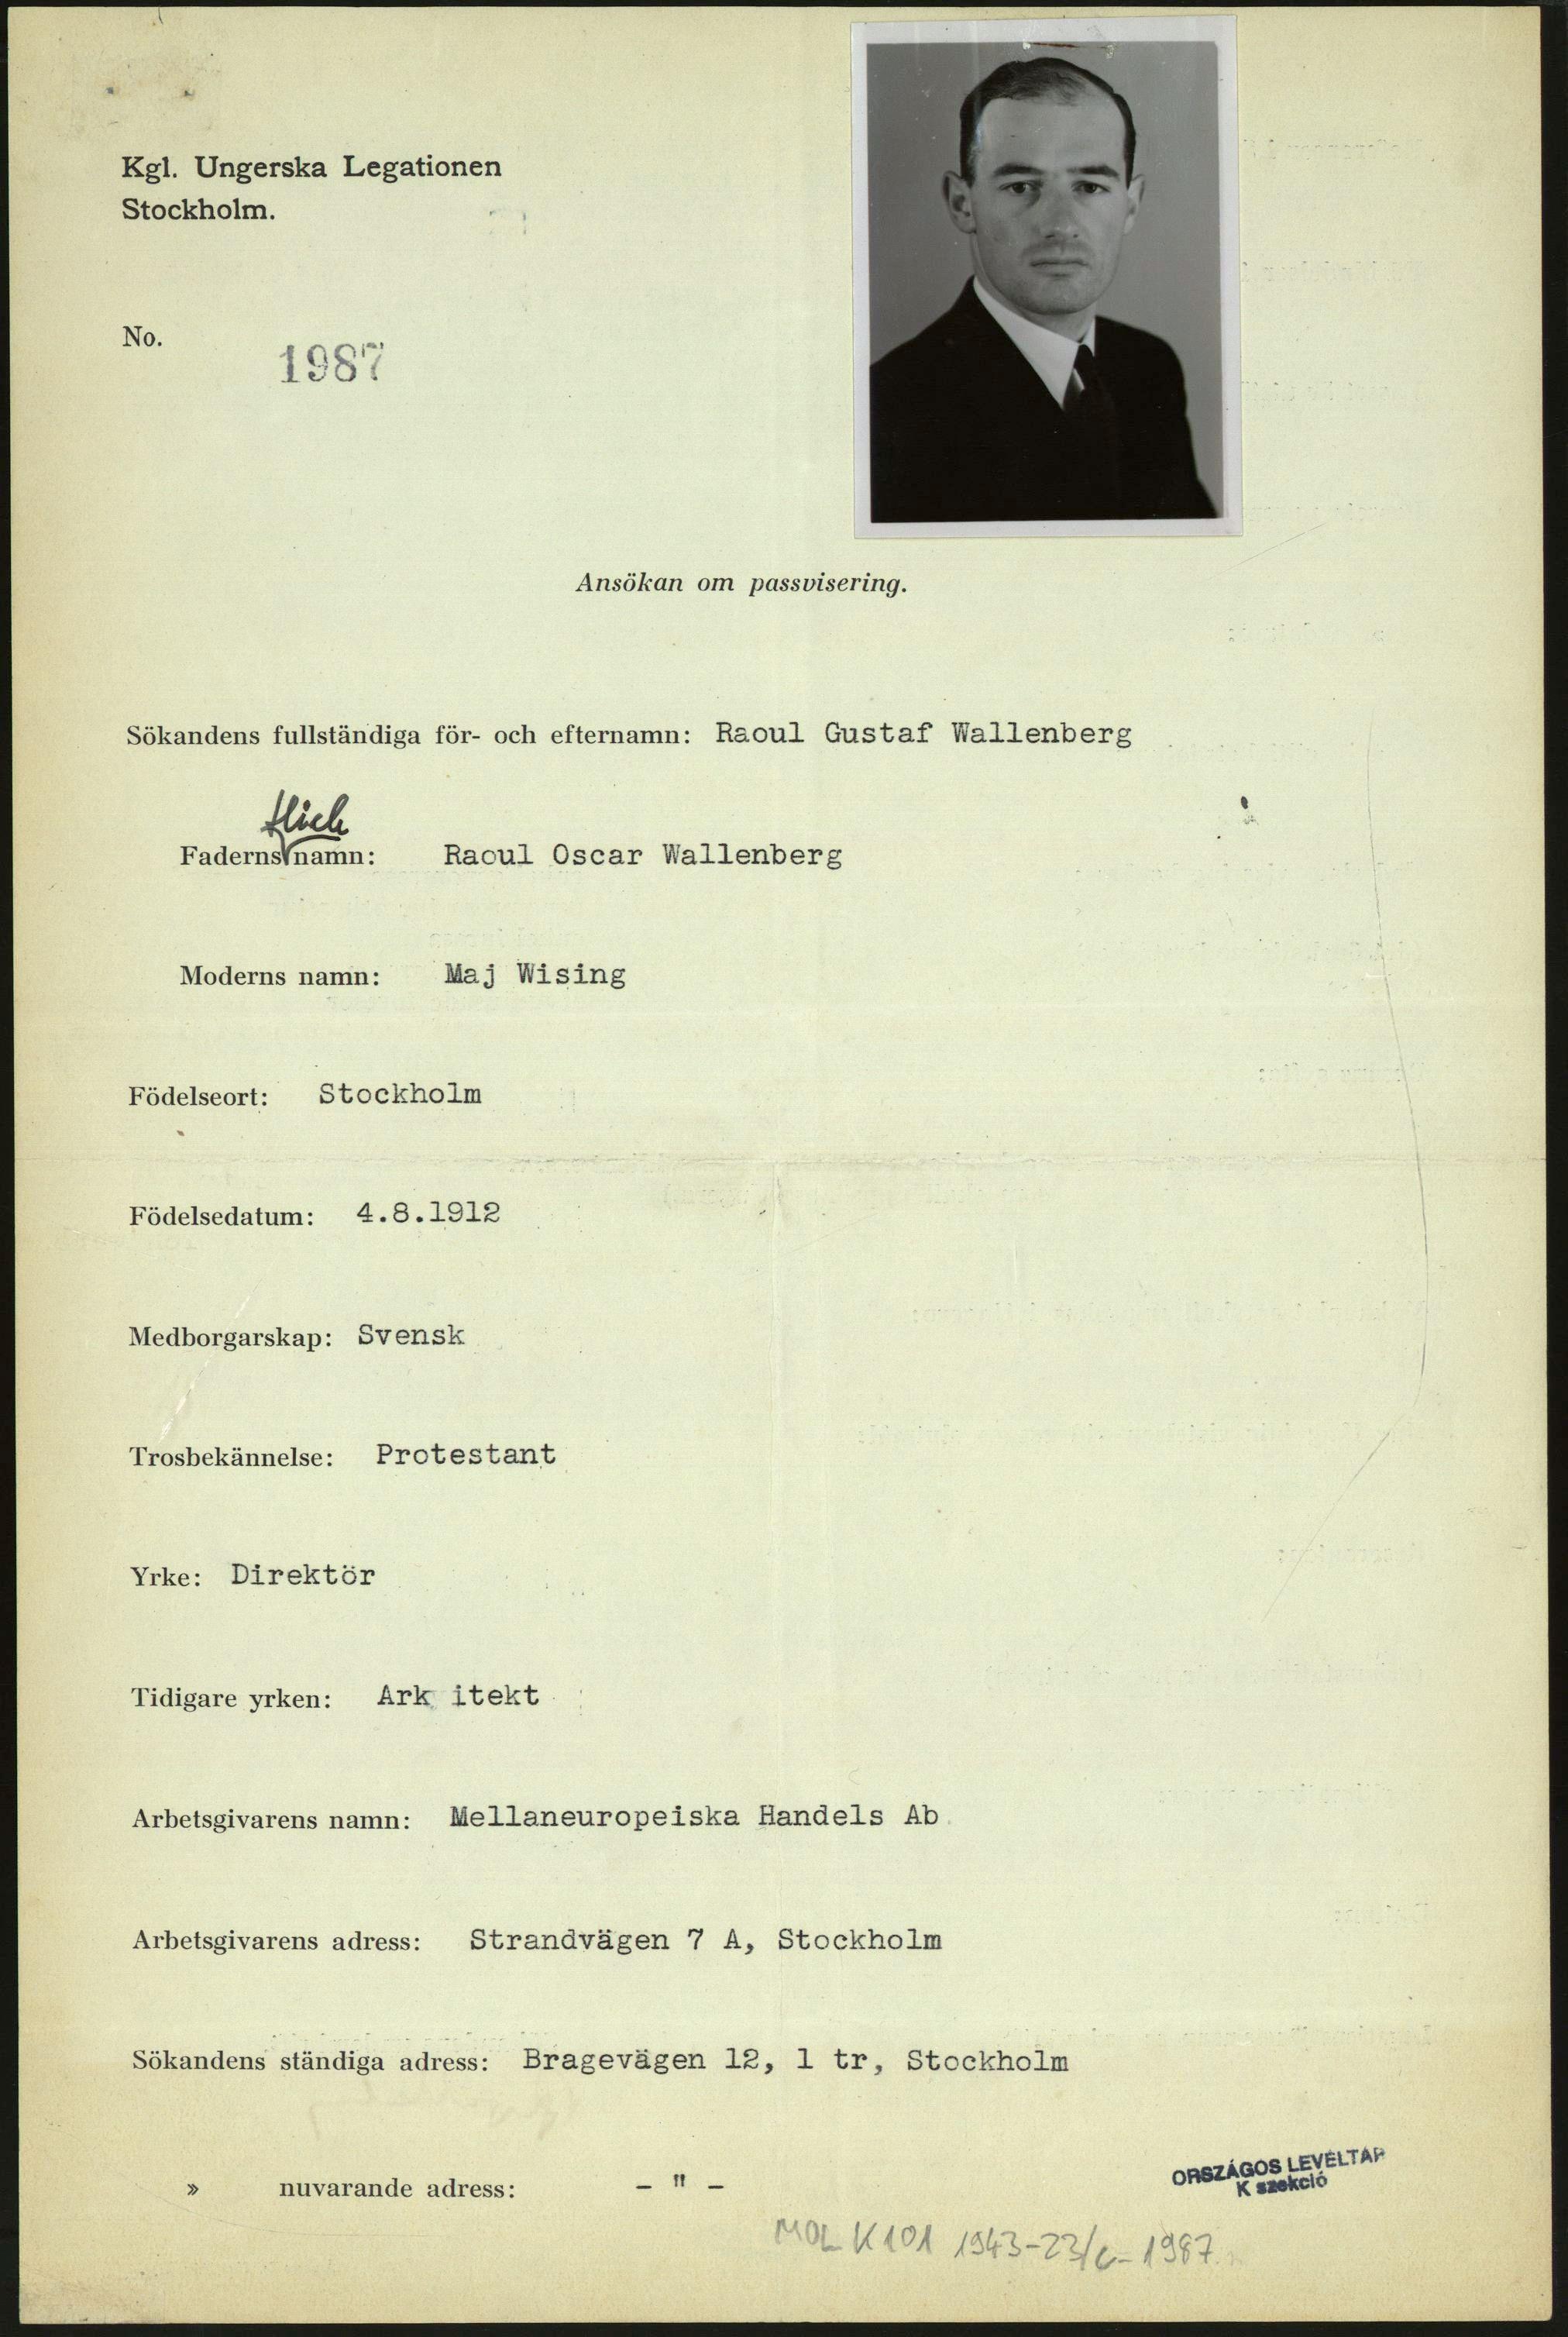 Wallenberg Of raoul wallenberg Raoul Wallenberg Passports